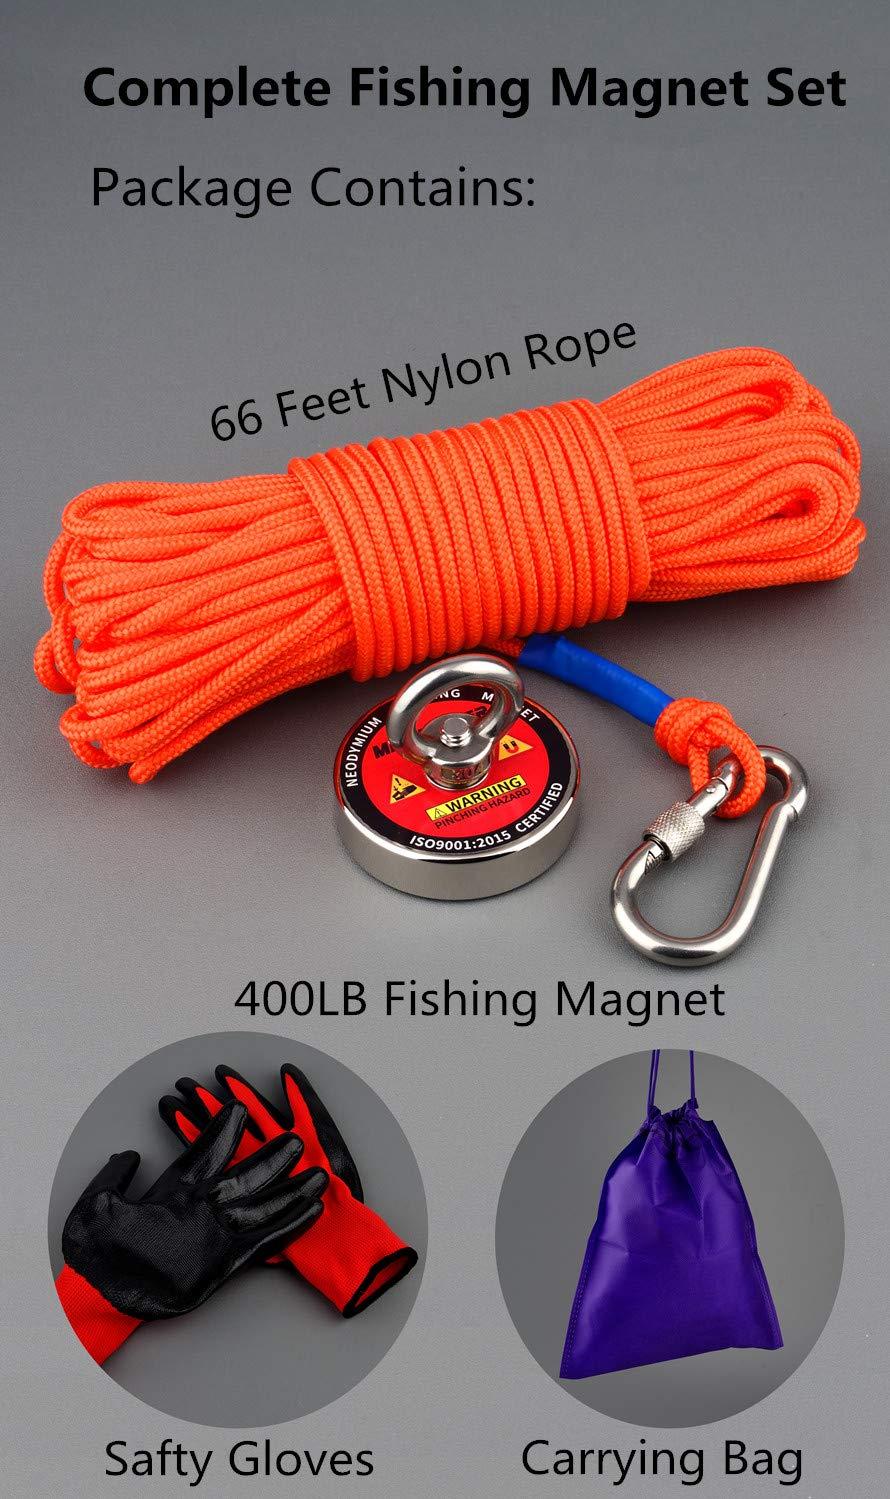 700 lbs starke Zugkraft Retrieval Magnet N52 Neodym-Magnete mit 20 m langem Seil leistungsstarke Magnete f/ür Angeln und magnetische Rettung im Wasser Mutuactor Angel-Magnete